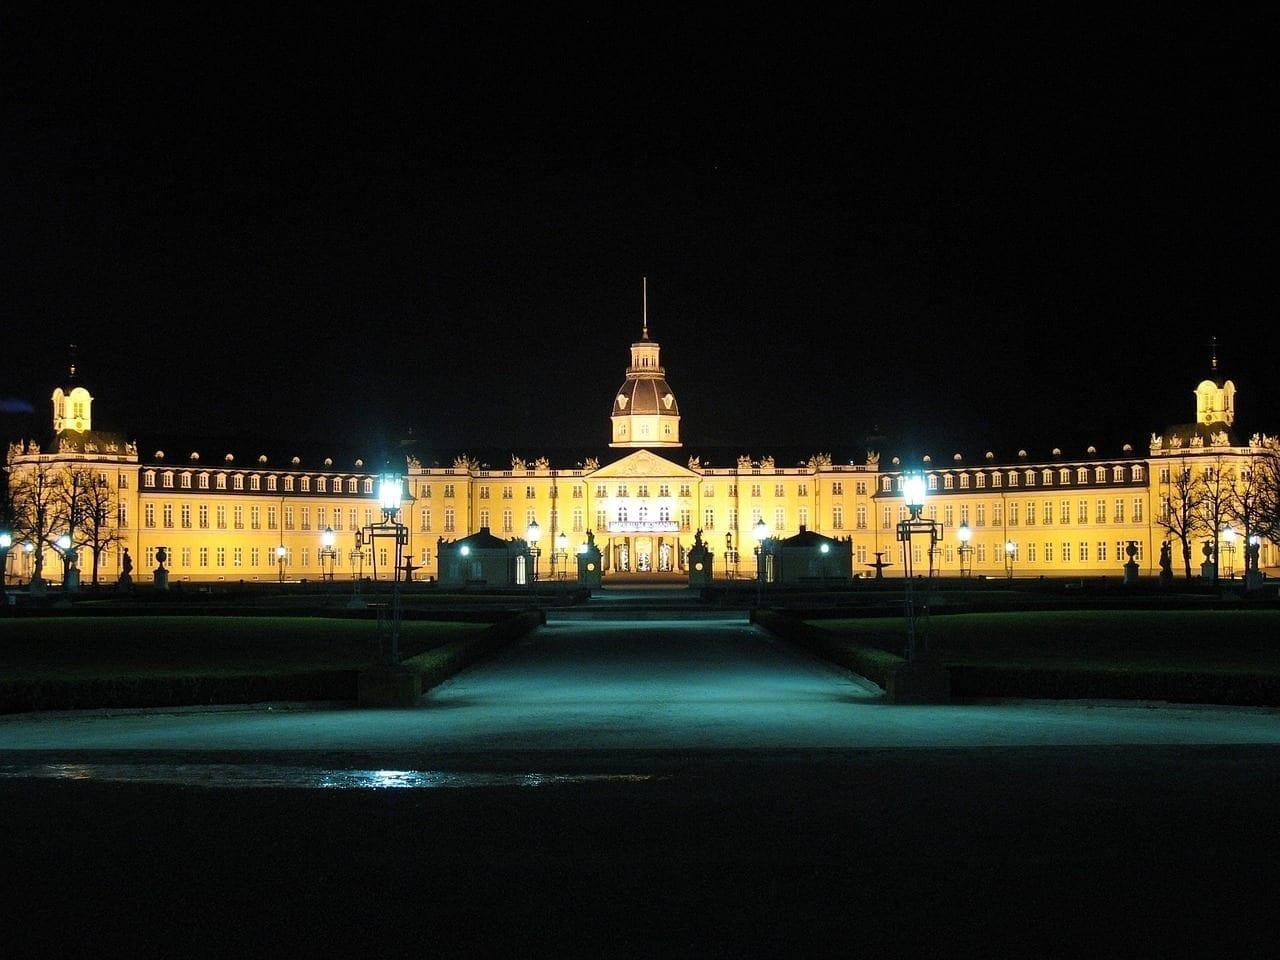 Palacio Karlsruhe Histórico Arquitectura Alemania